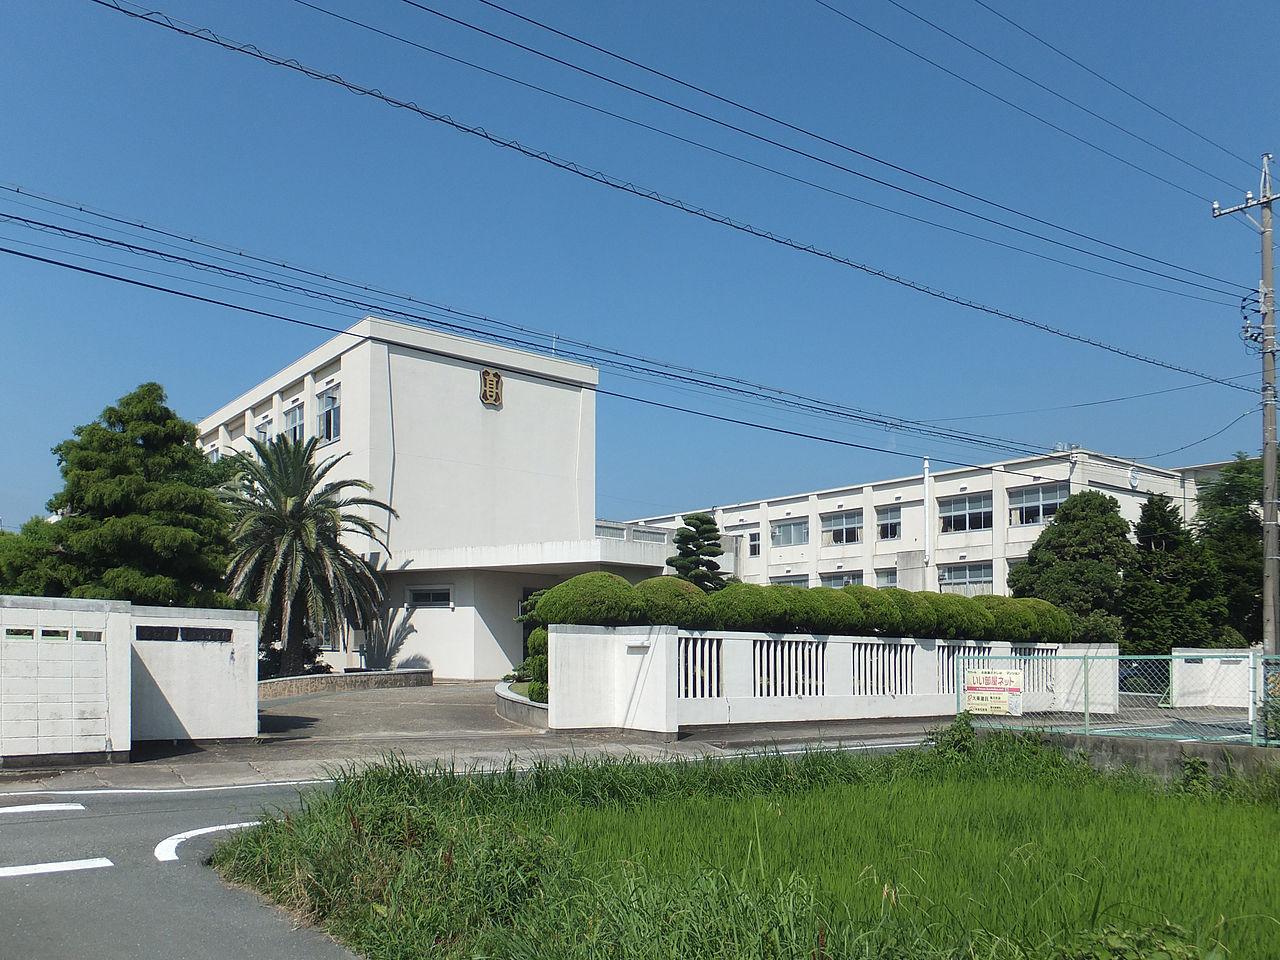 Aichi Prefectural Ko High School (2013.08.02) 1.jpg